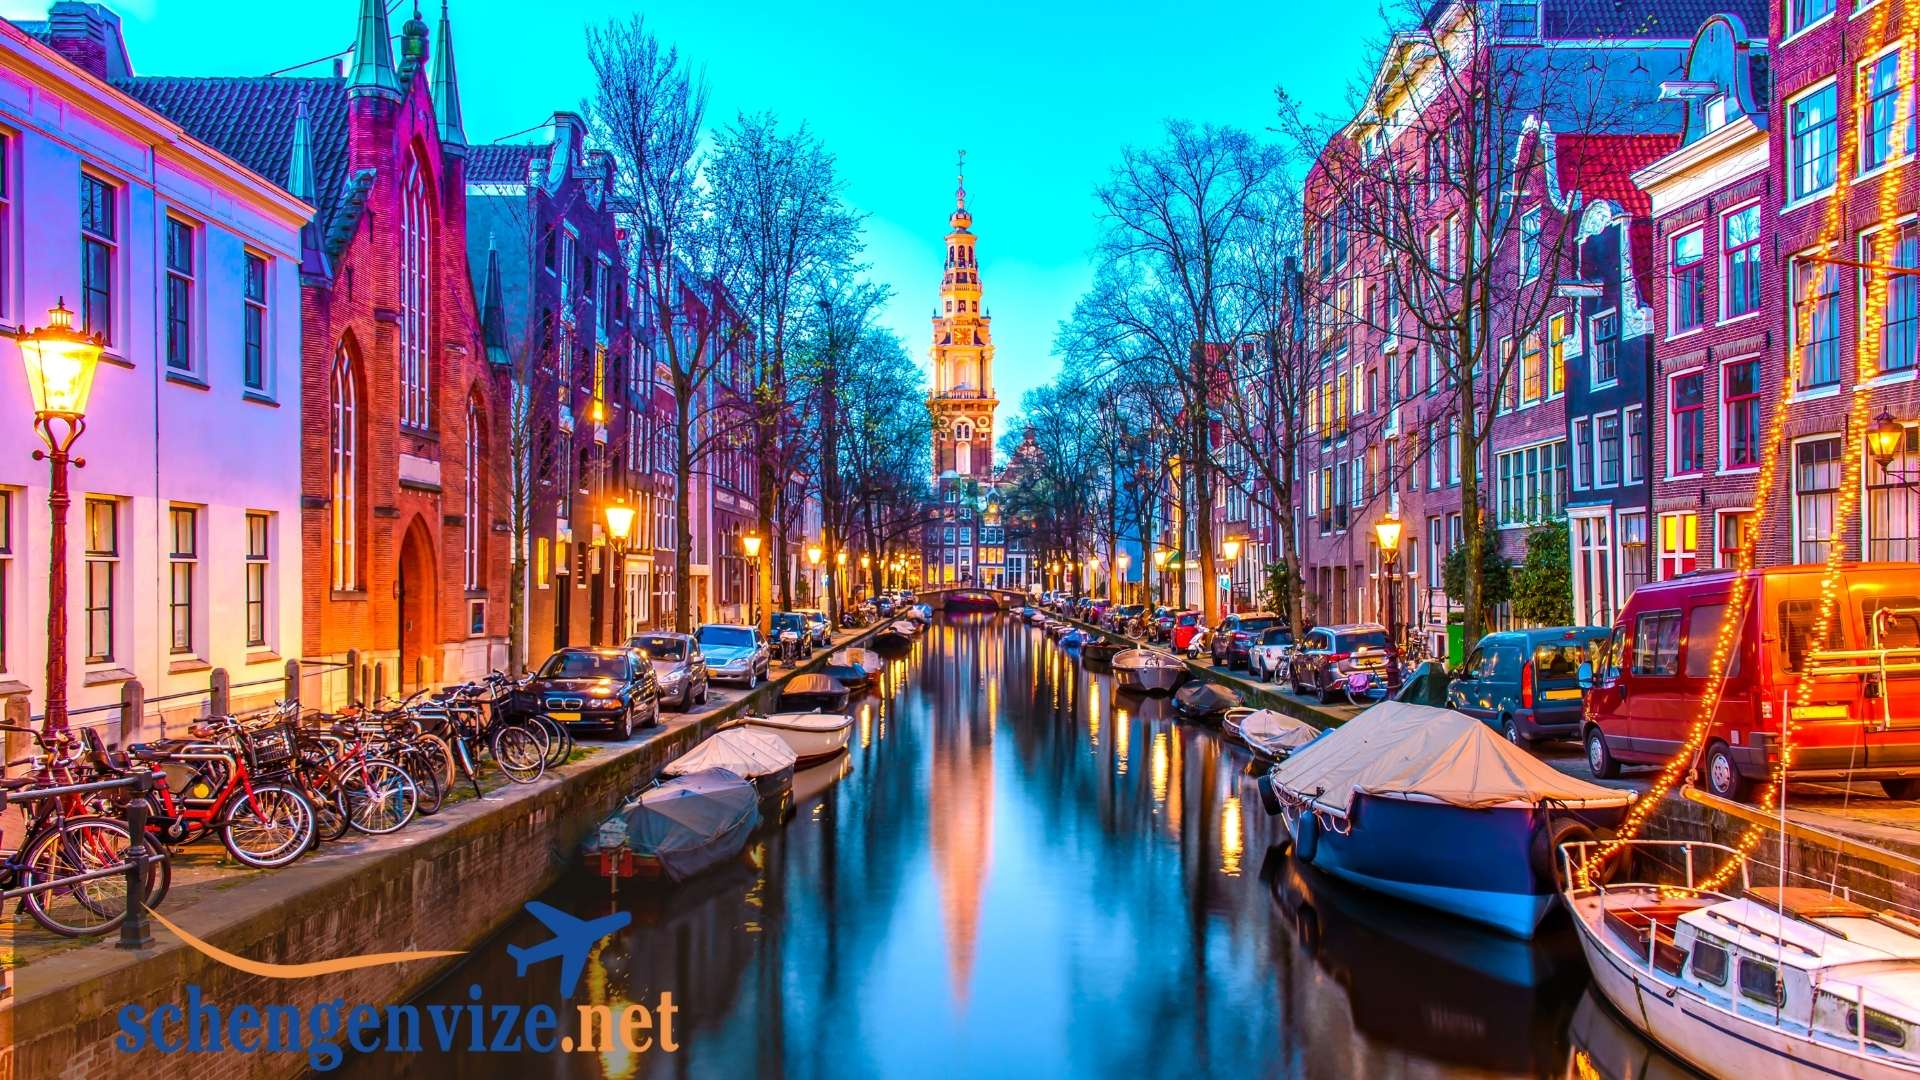 Hollanda Ticari Vize Başvuruları İçin Gerekli Olan Evraklar